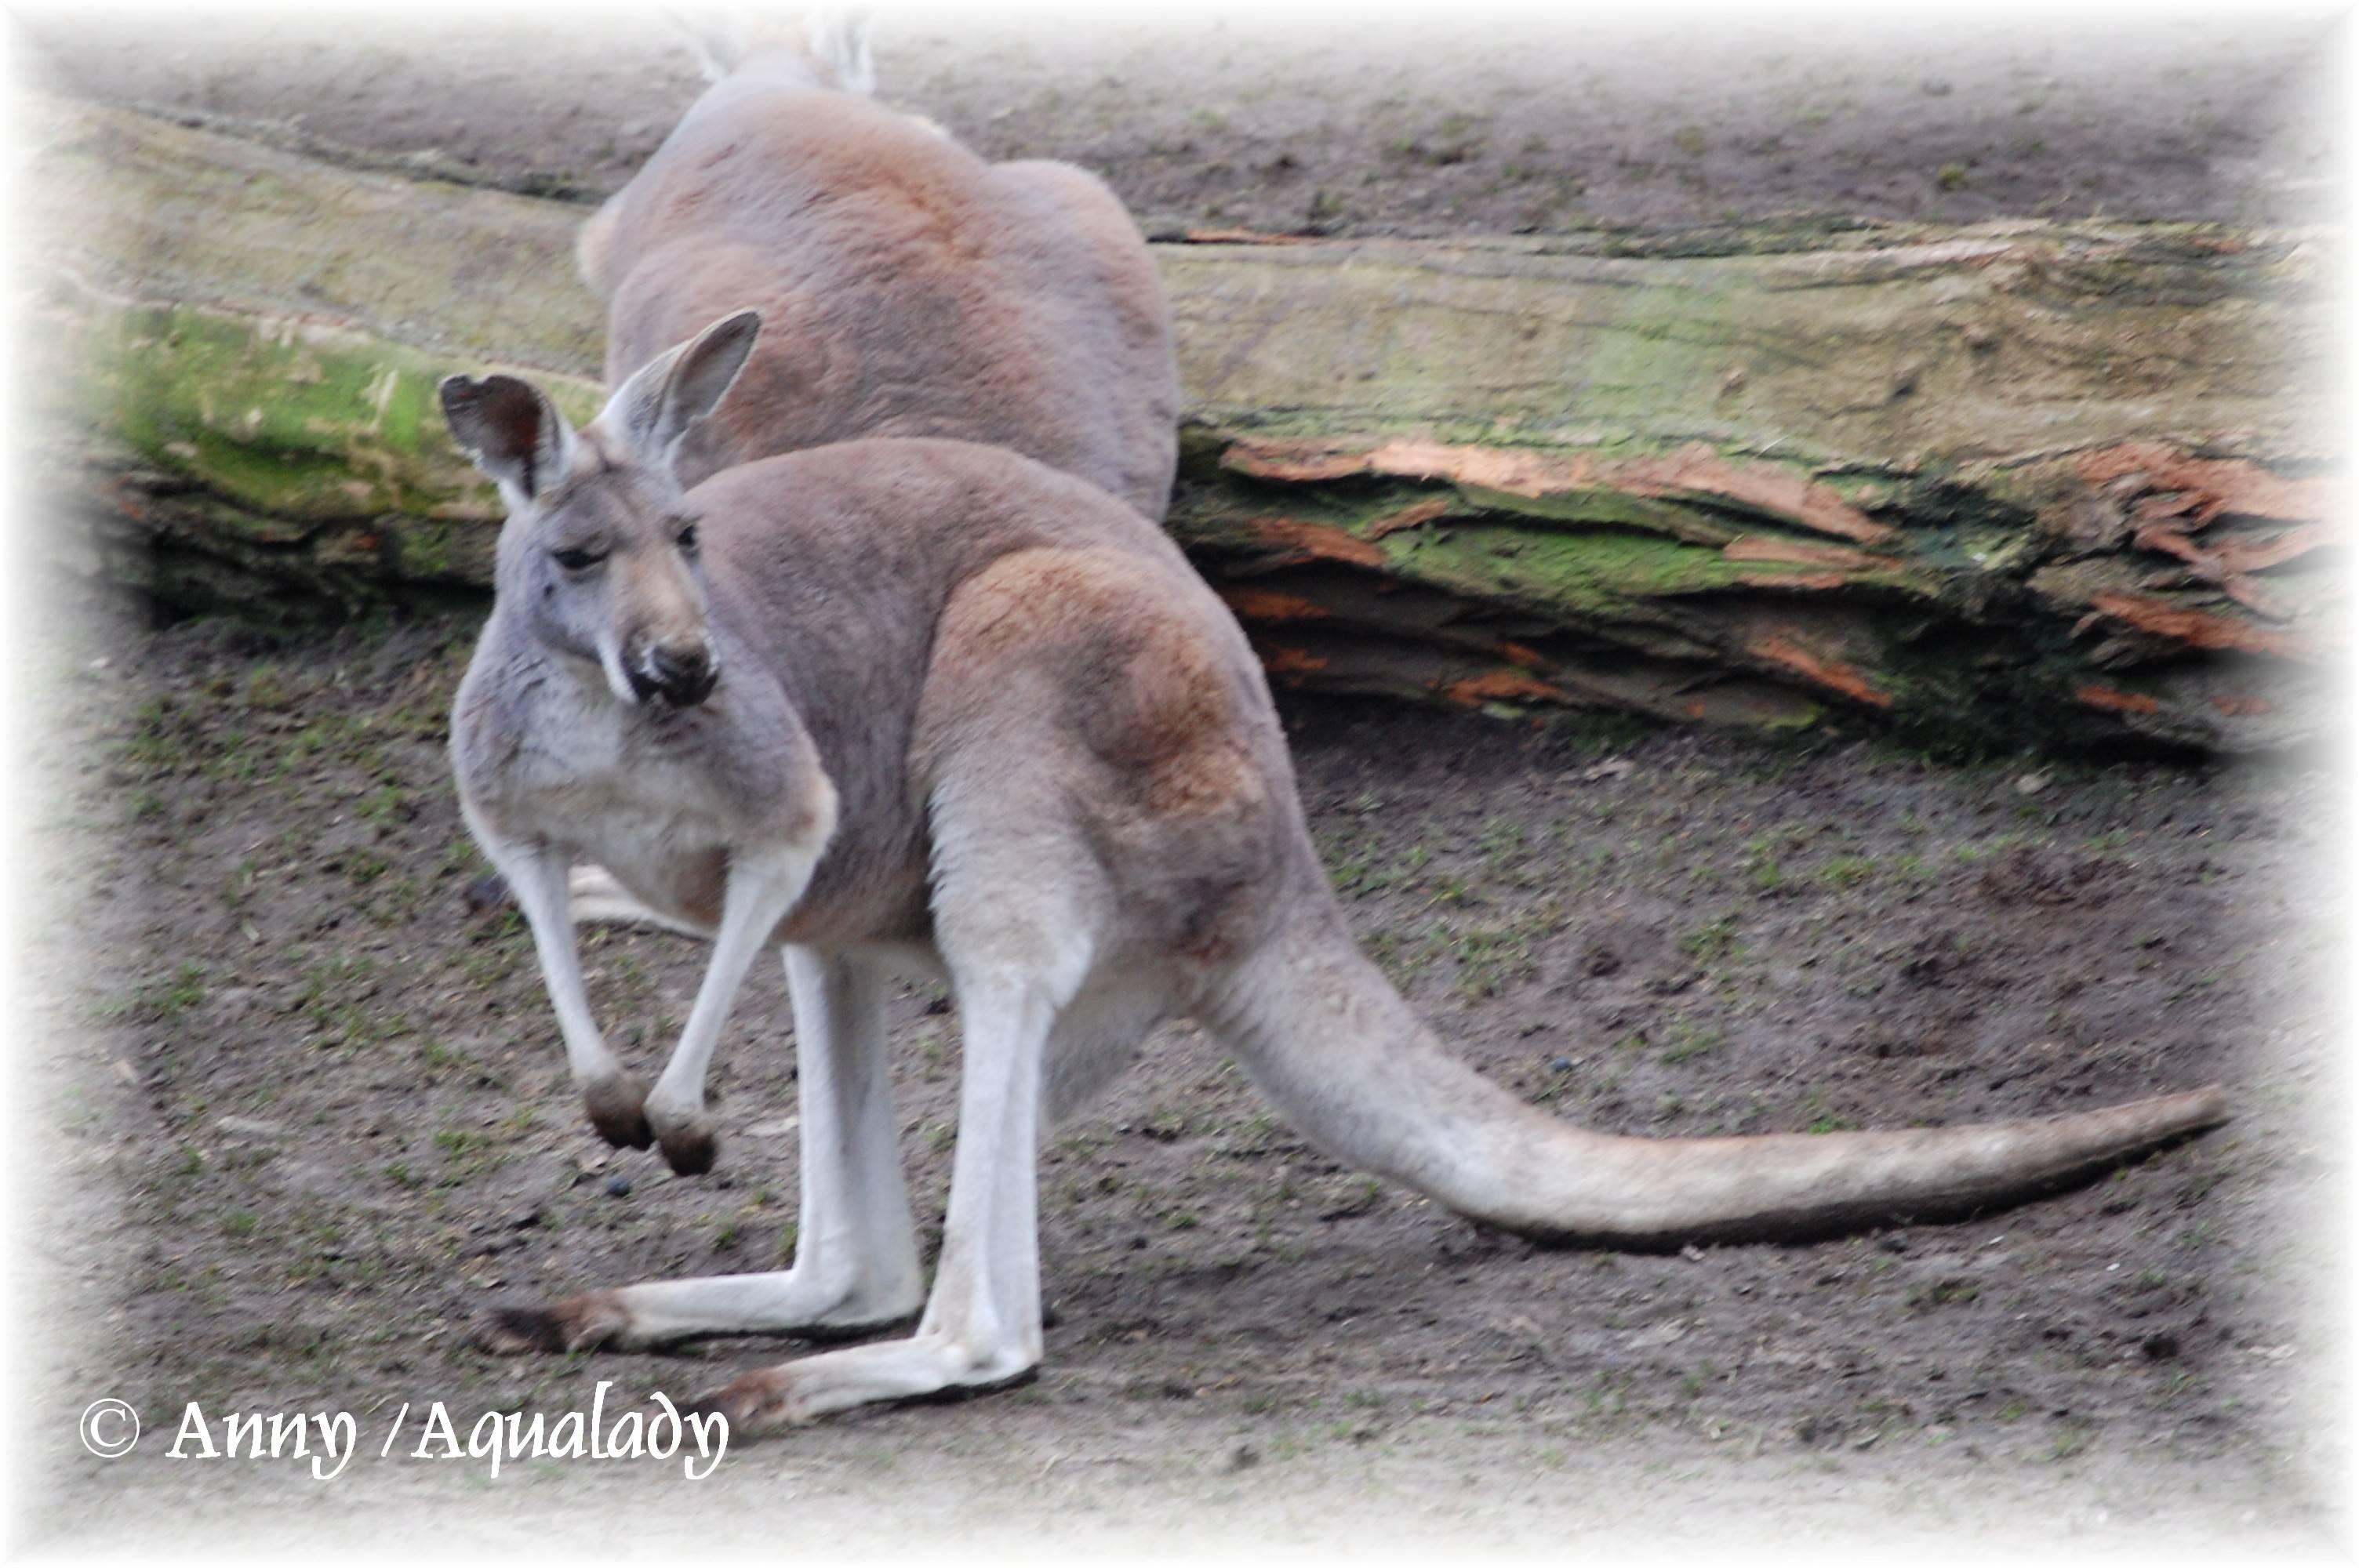 Kangaroo Wallpapers (Wallpaper 1-2 of 2)